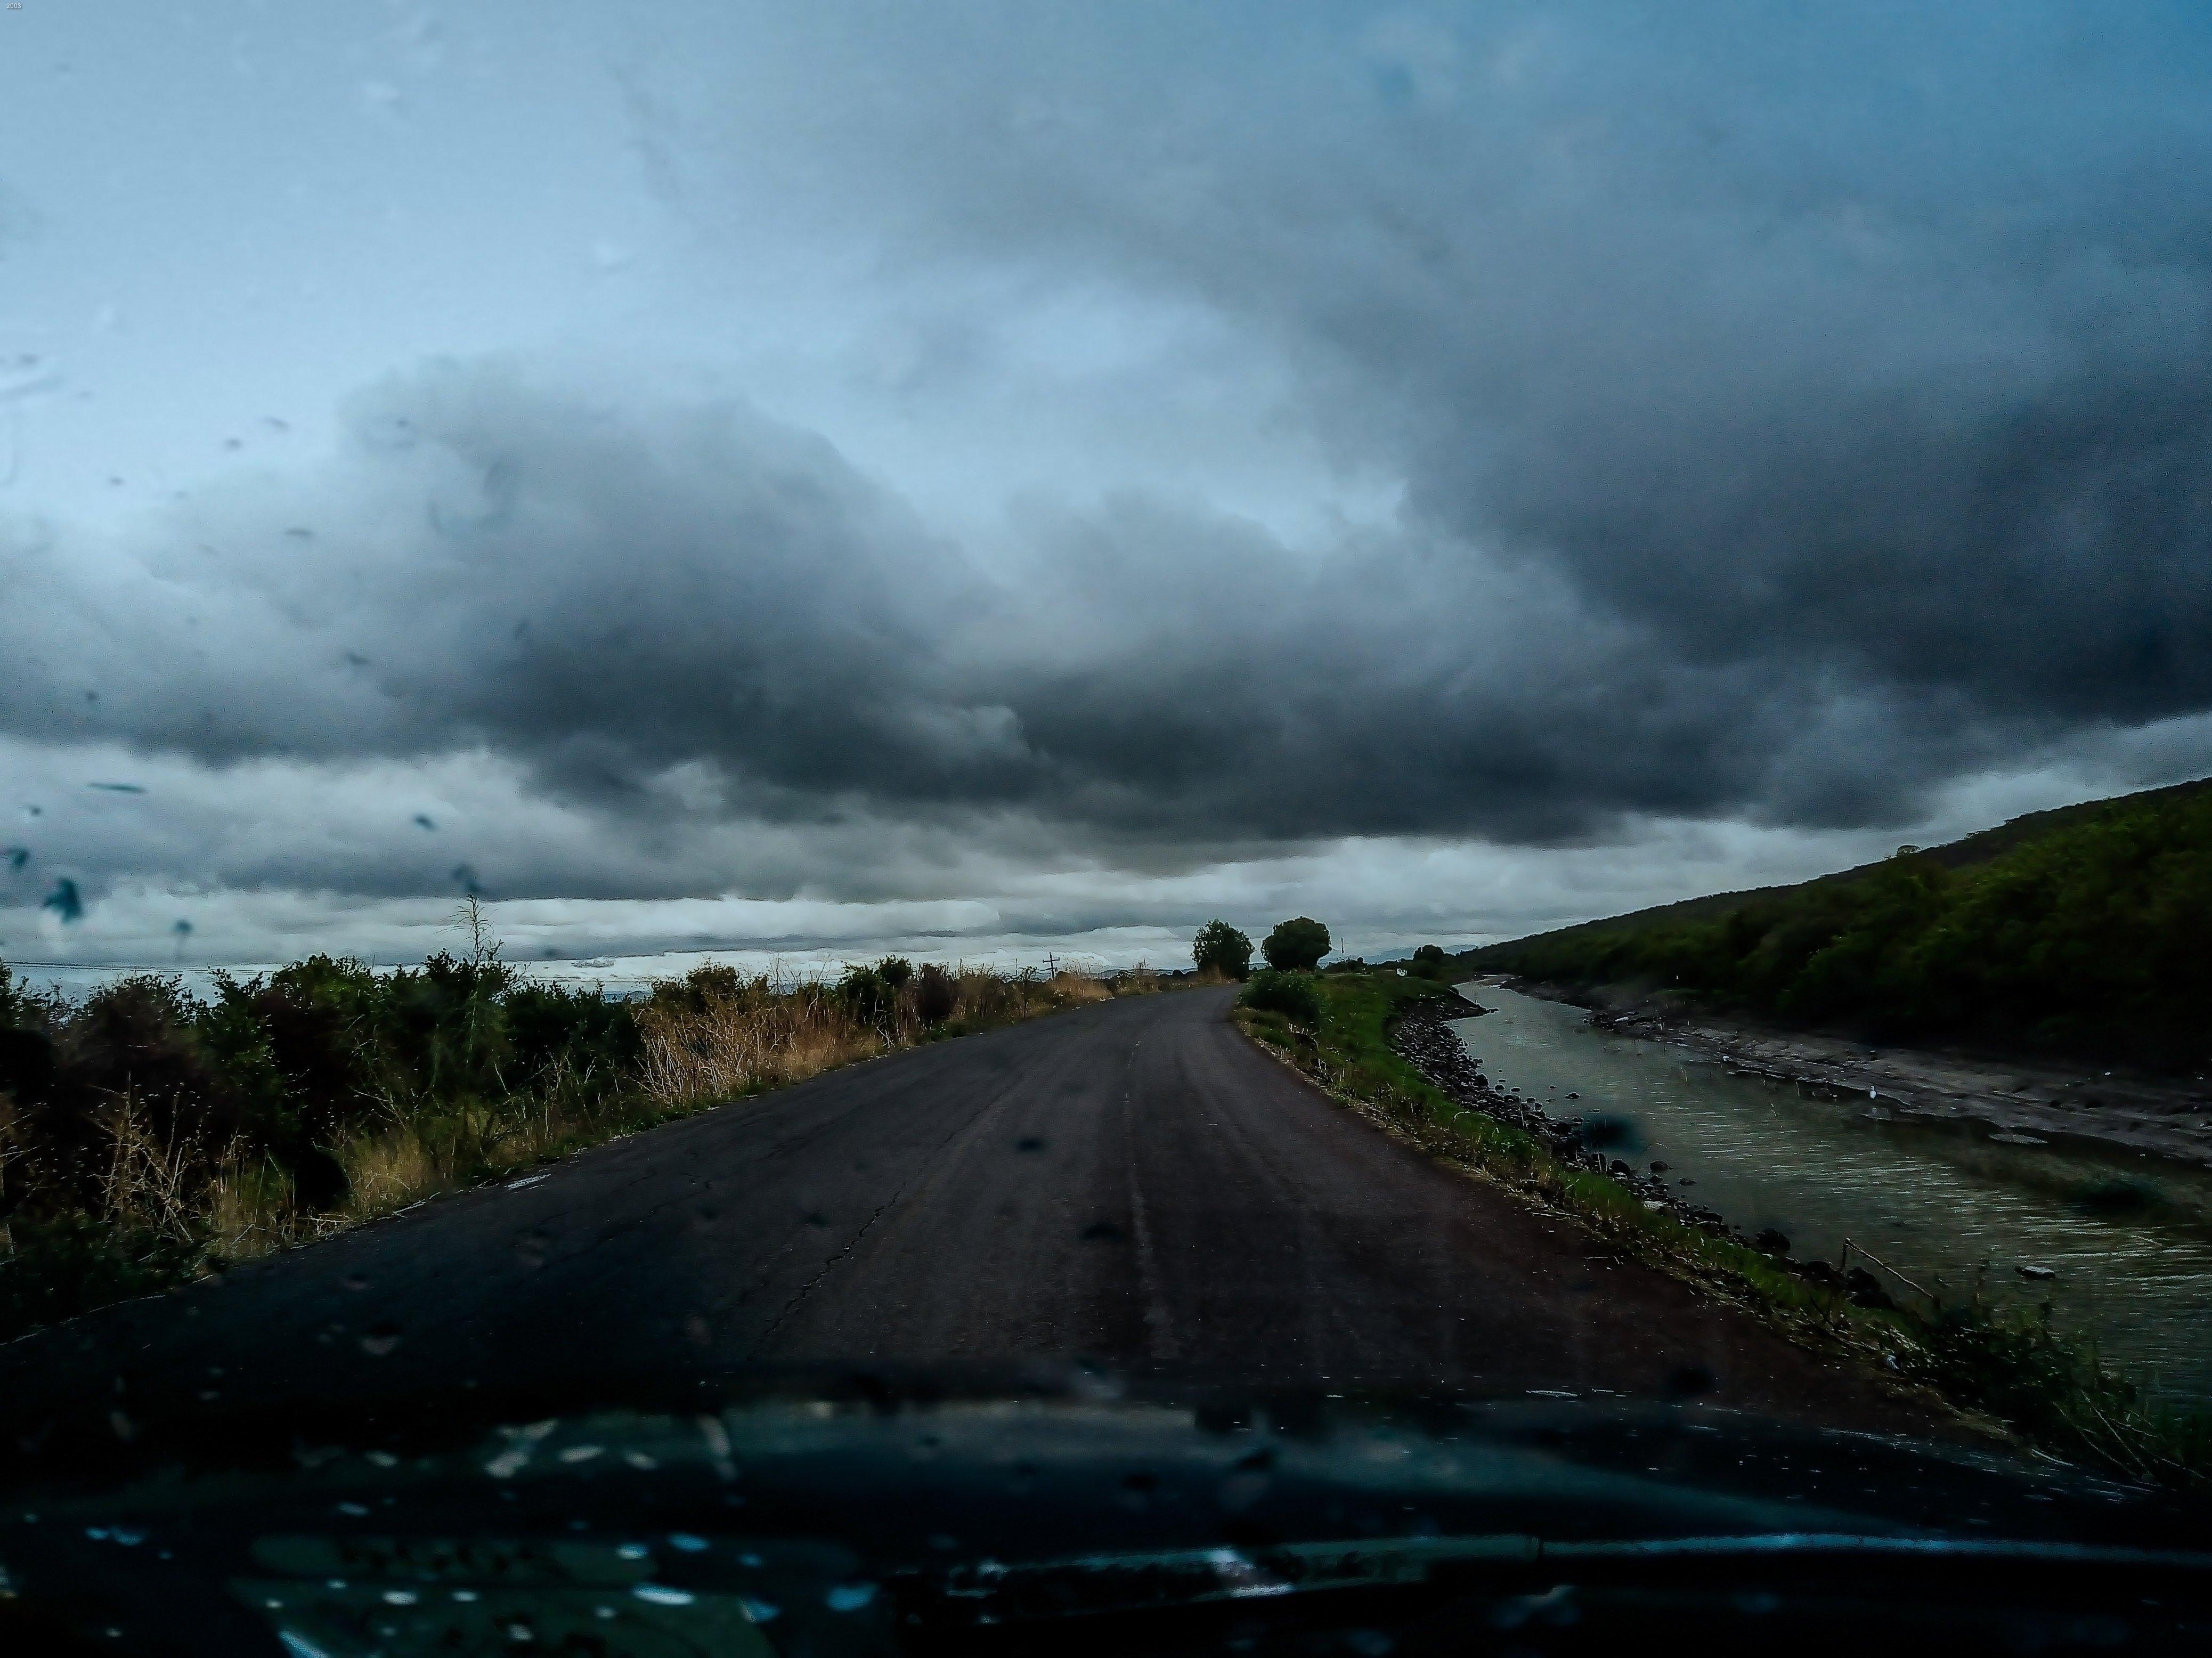 Fondos de pantalla Carretera clima nublado